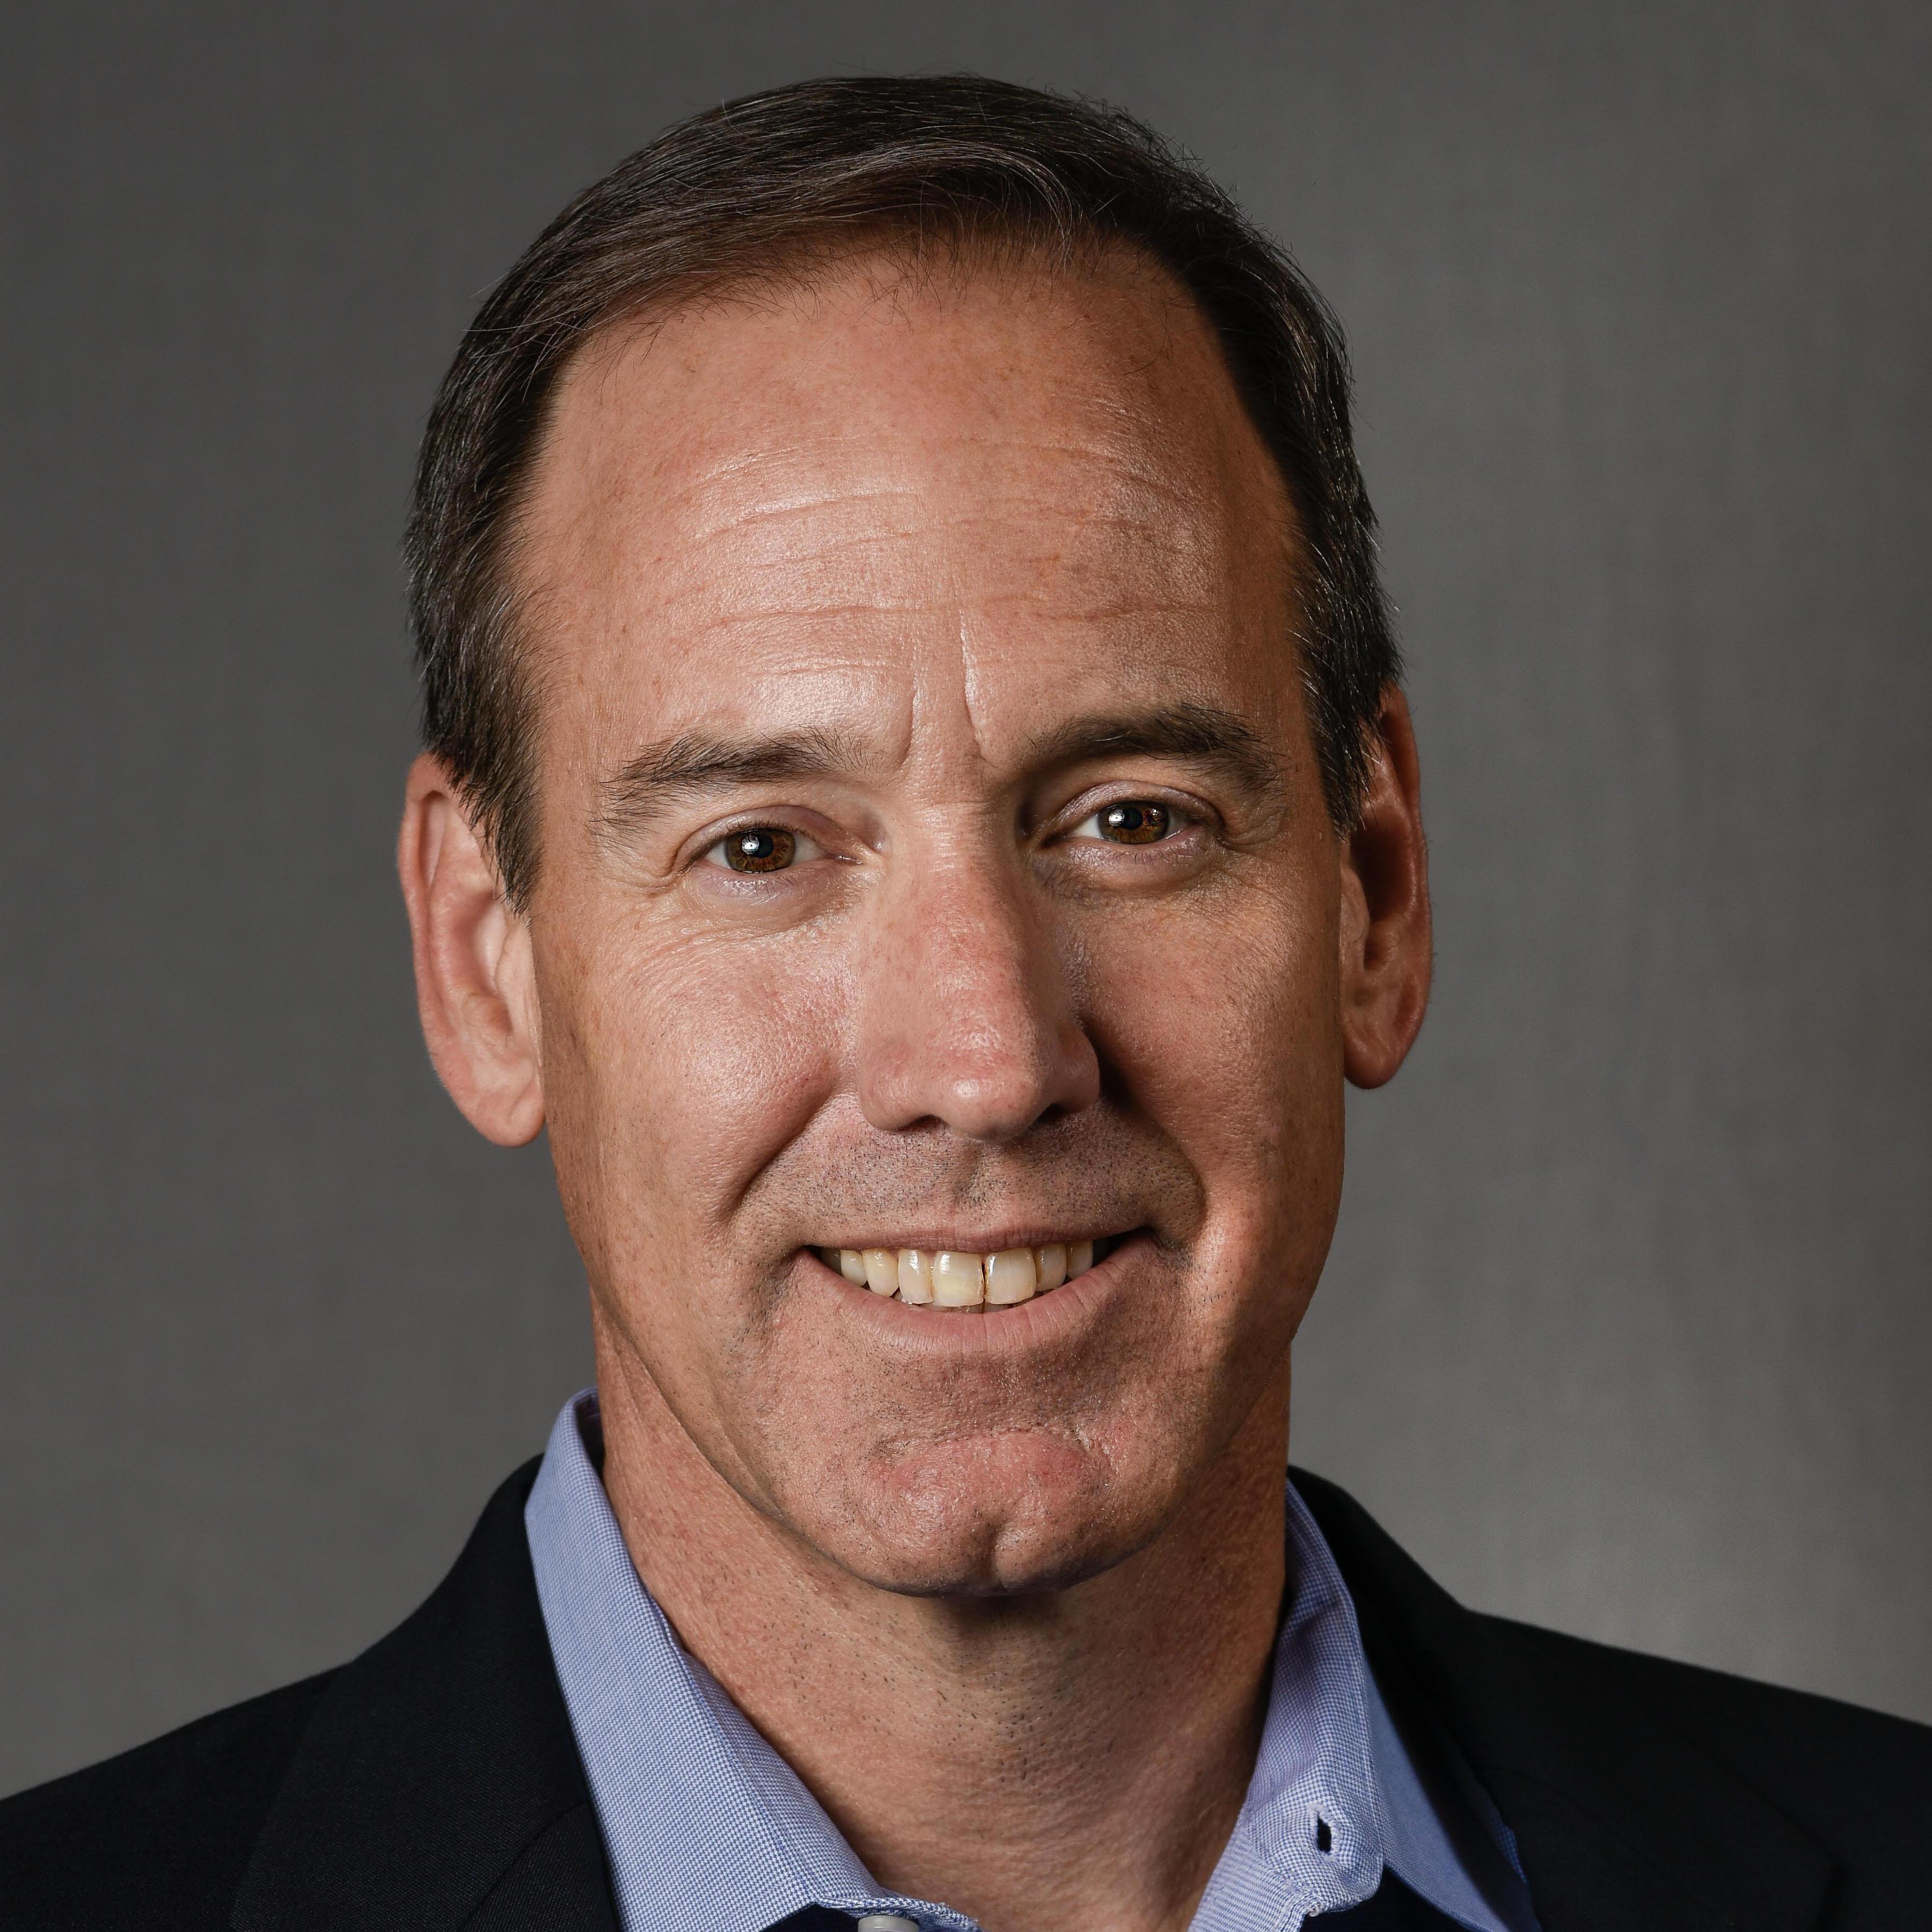 Trevor Parr, Ph.D.'s Profile Photo